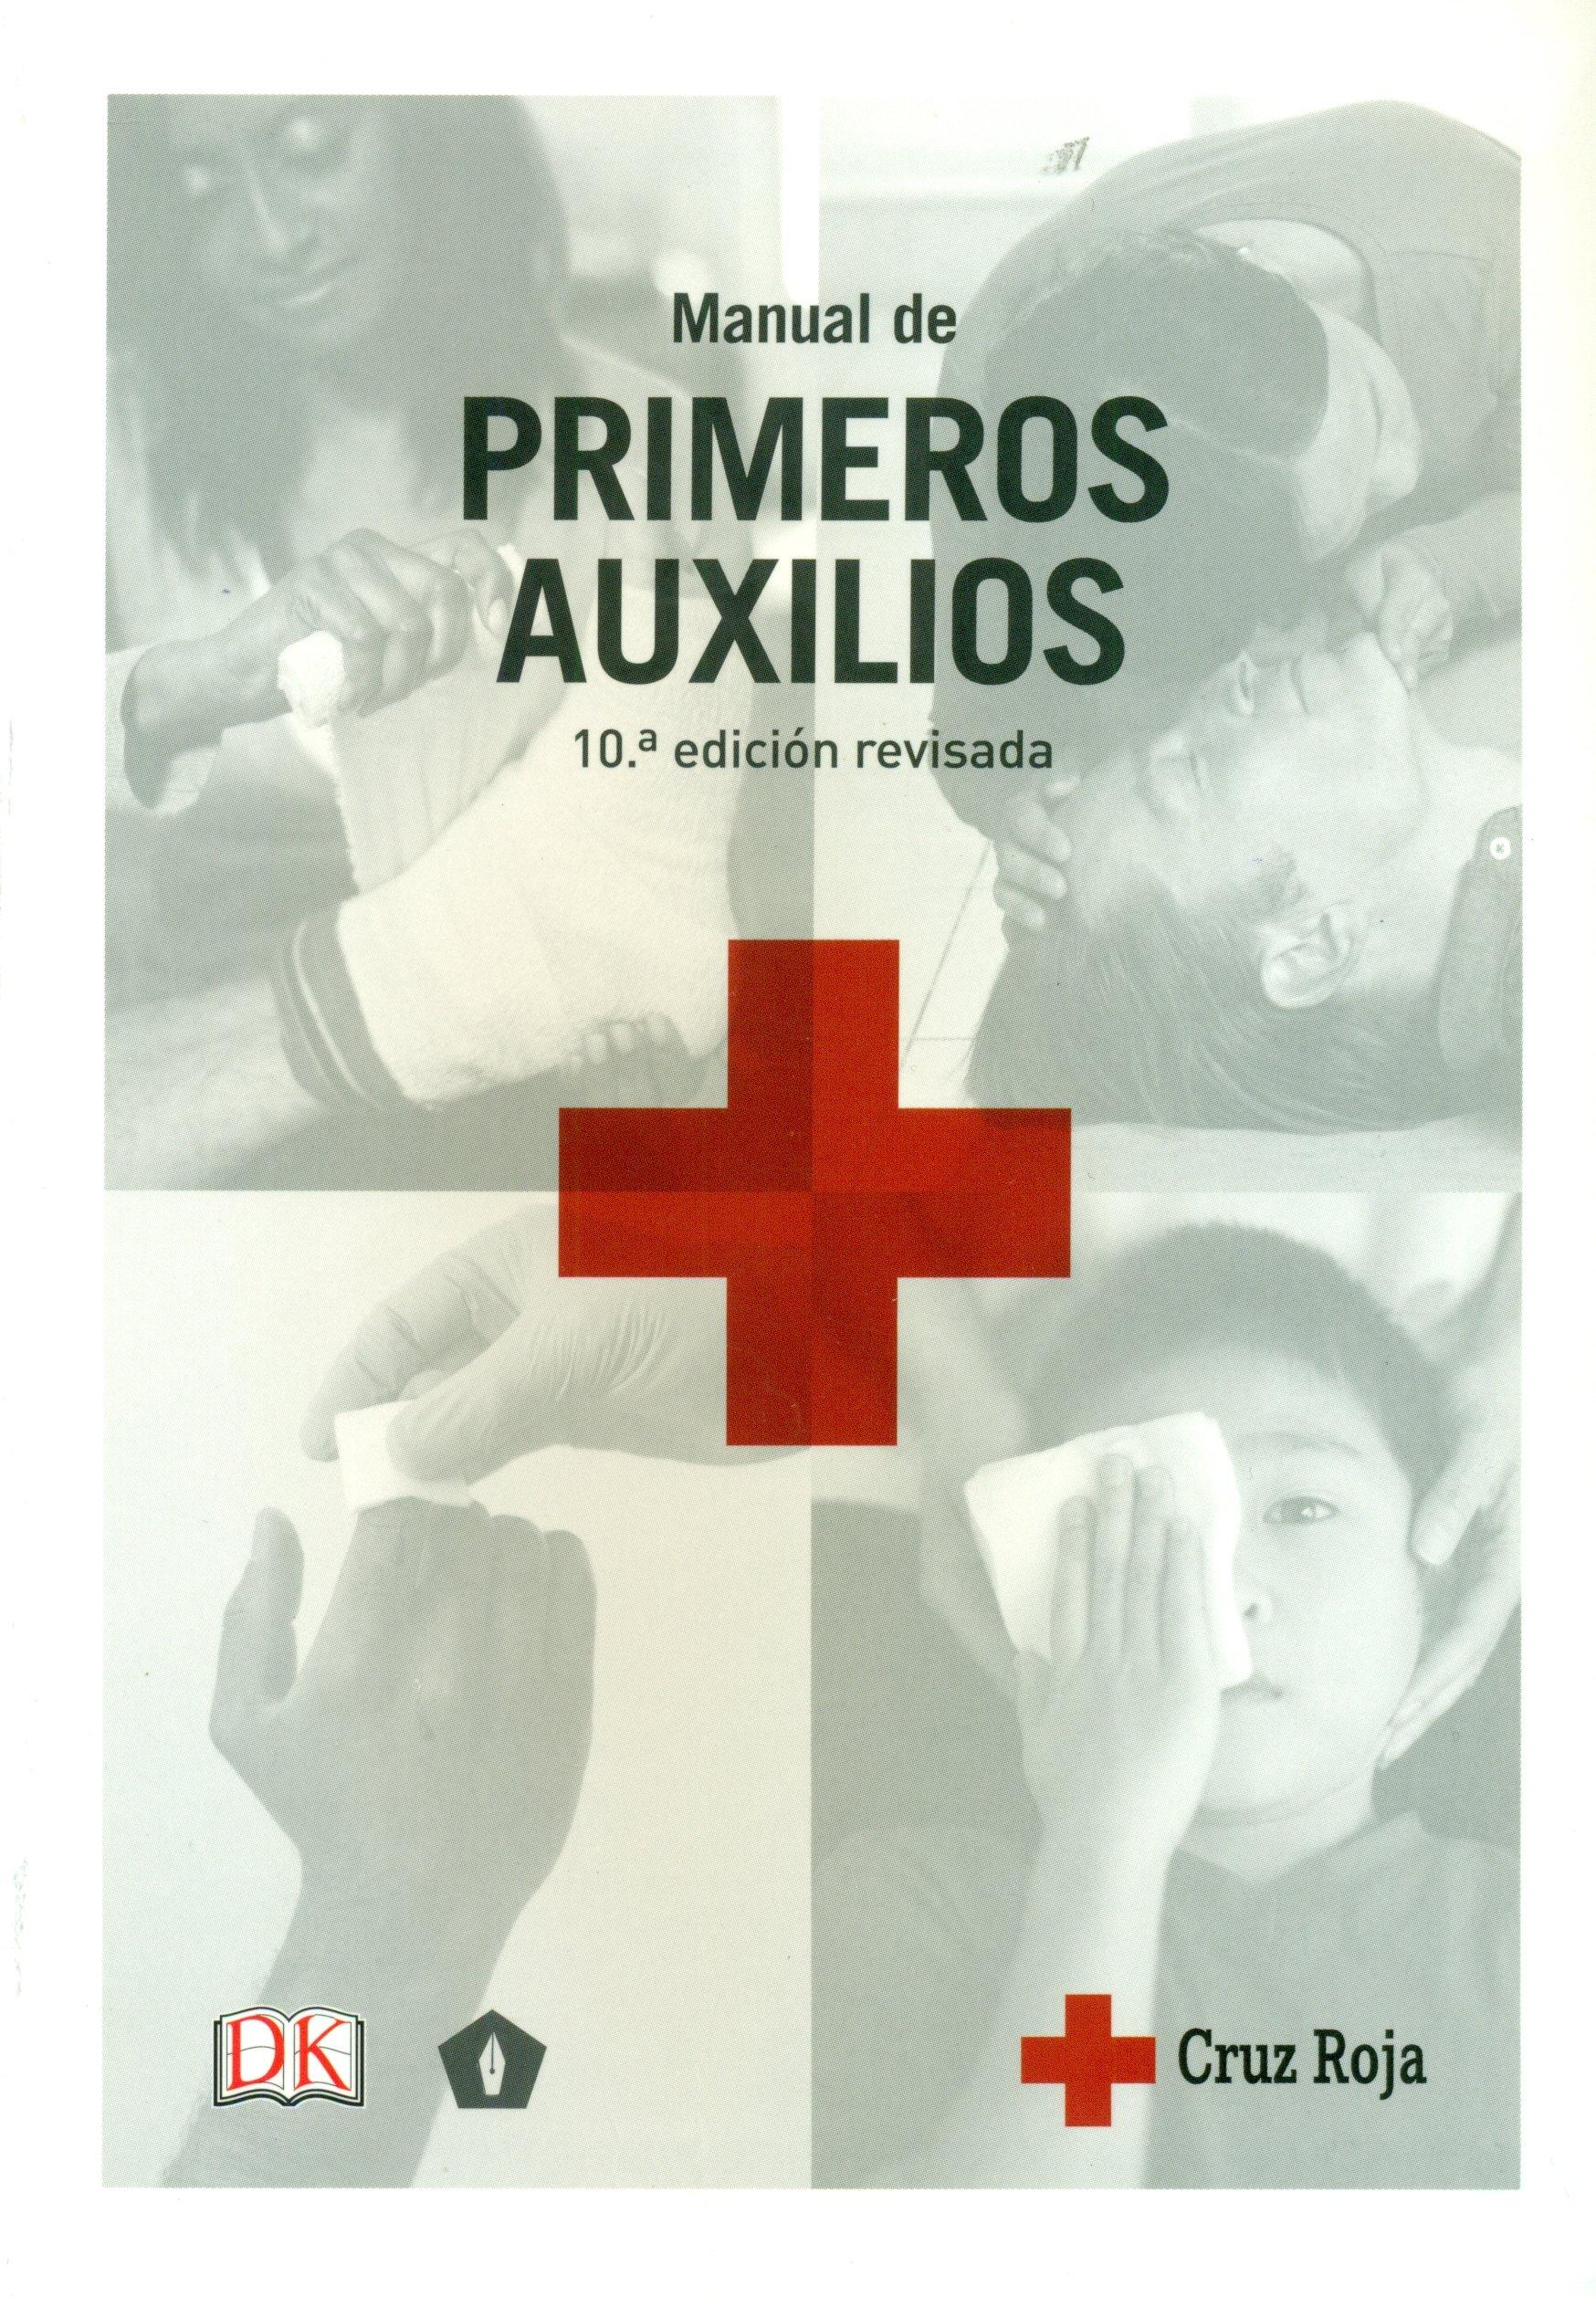 Manual de primeros auxilios: Amazon.es: Cruz Roja Española, López ...